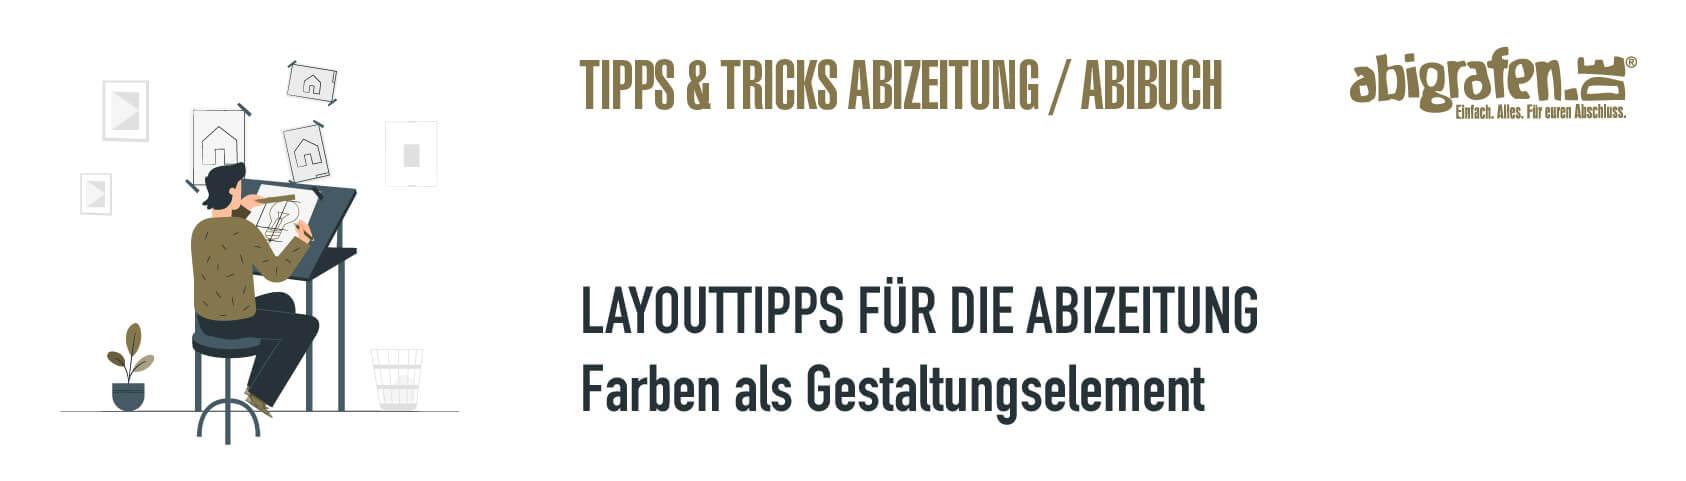 abigrafen-abizeitung-tipps-und-tricks-layout-farben